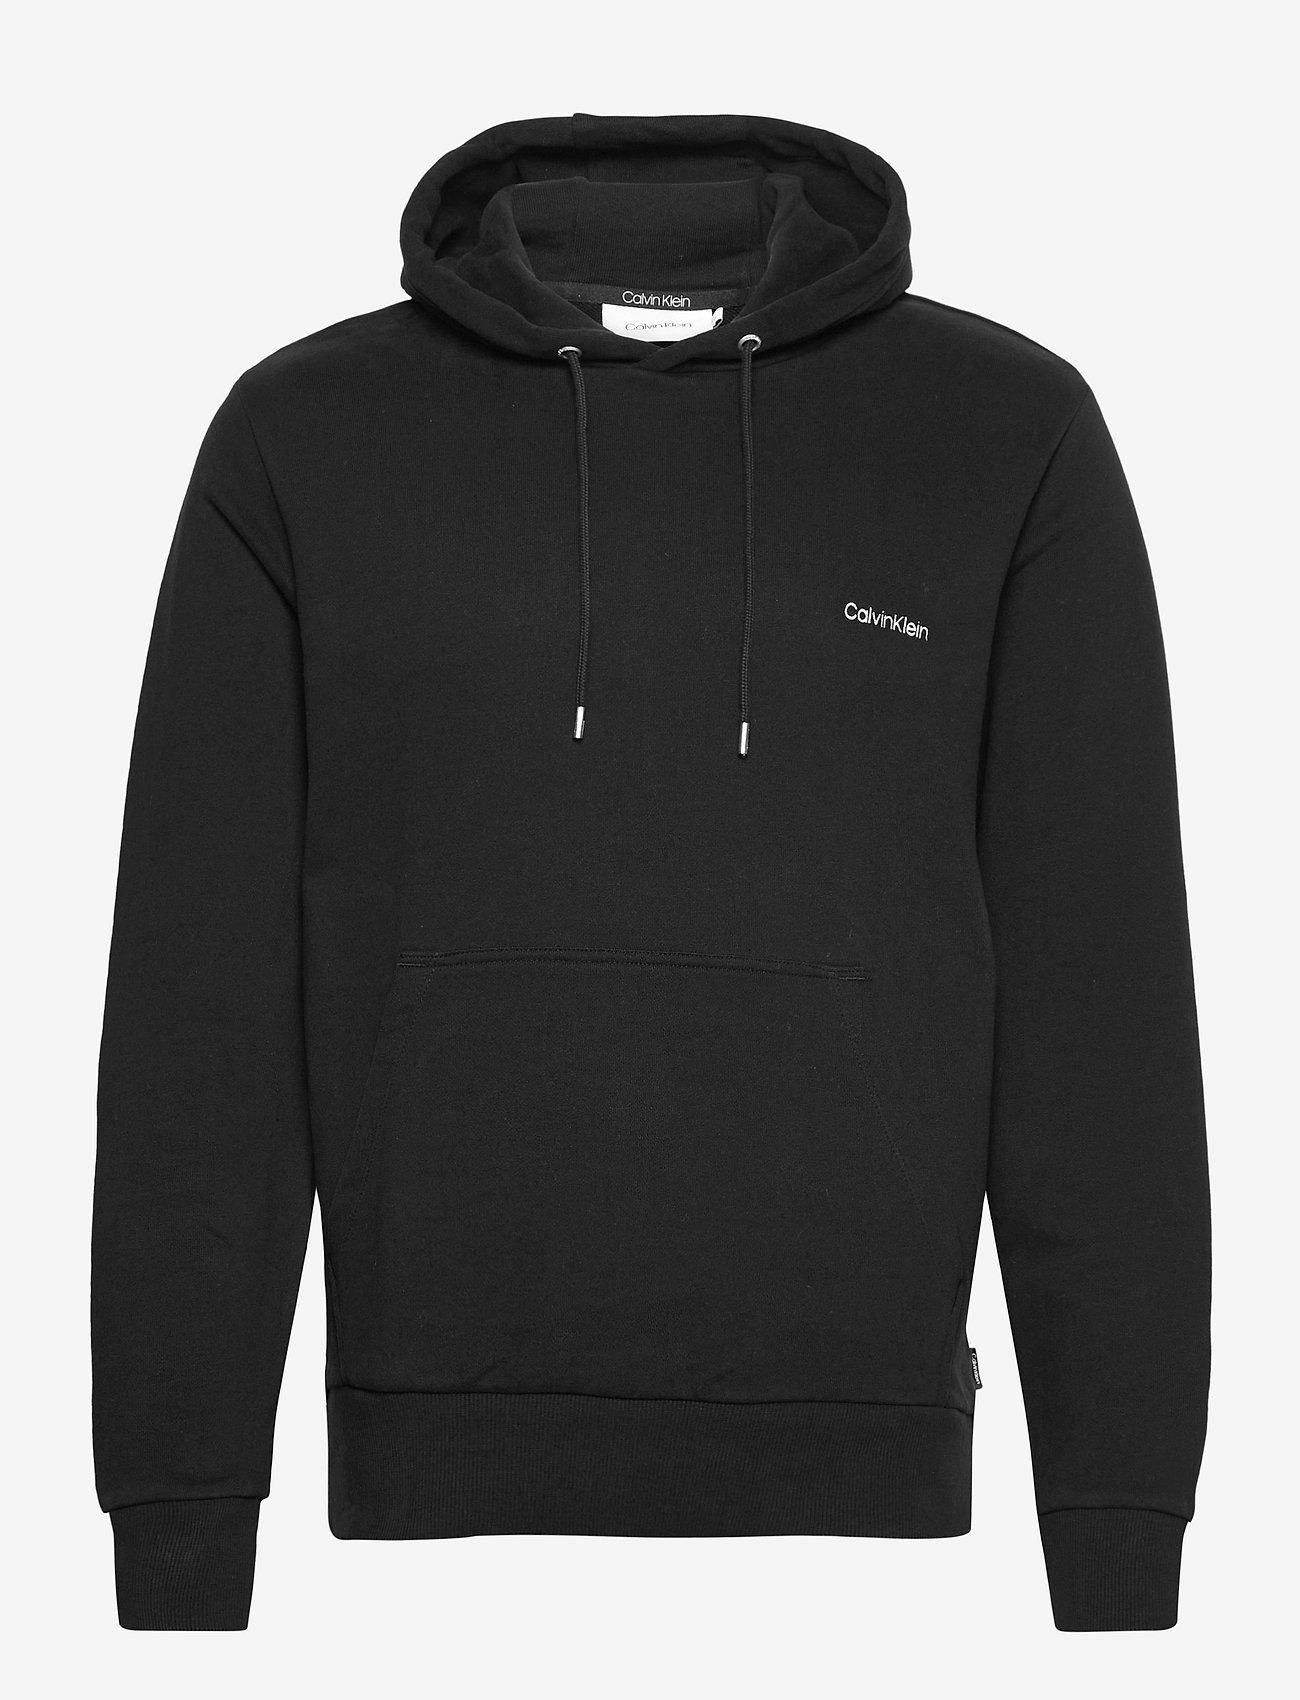 Calvin Klein - LOGO EMBROIDERY HOODIE - hoodies - ck black - 0